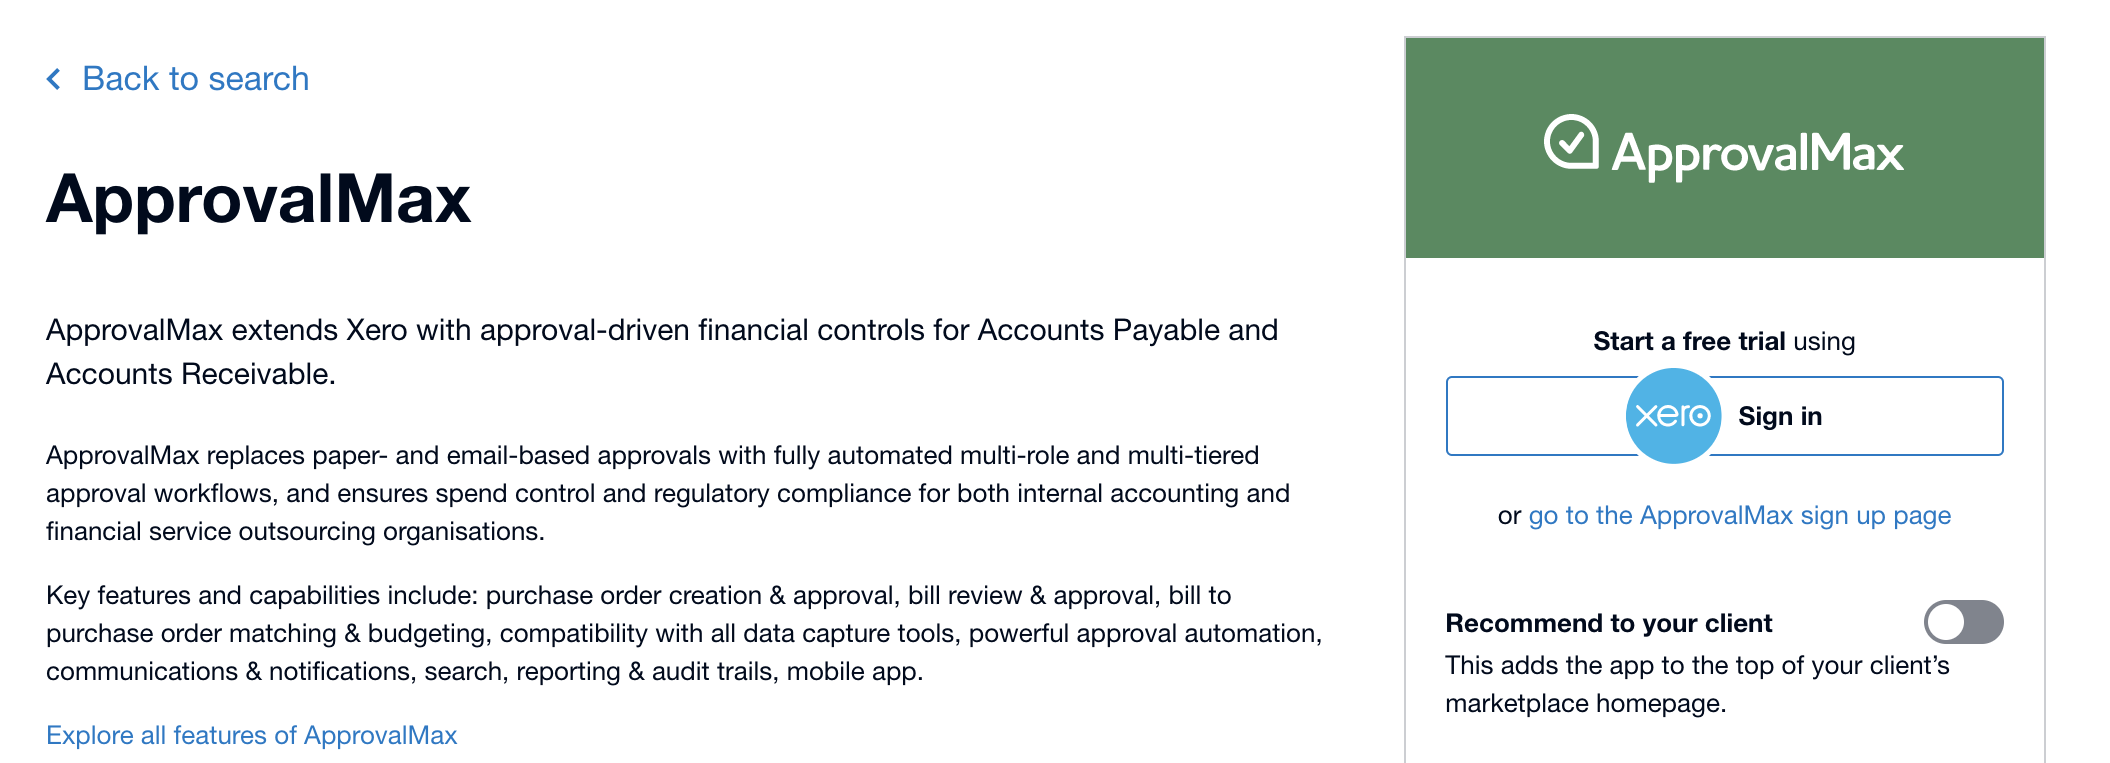 ApprovalMax_Using Xero's advisor-powered app recommendations for app advisory_1